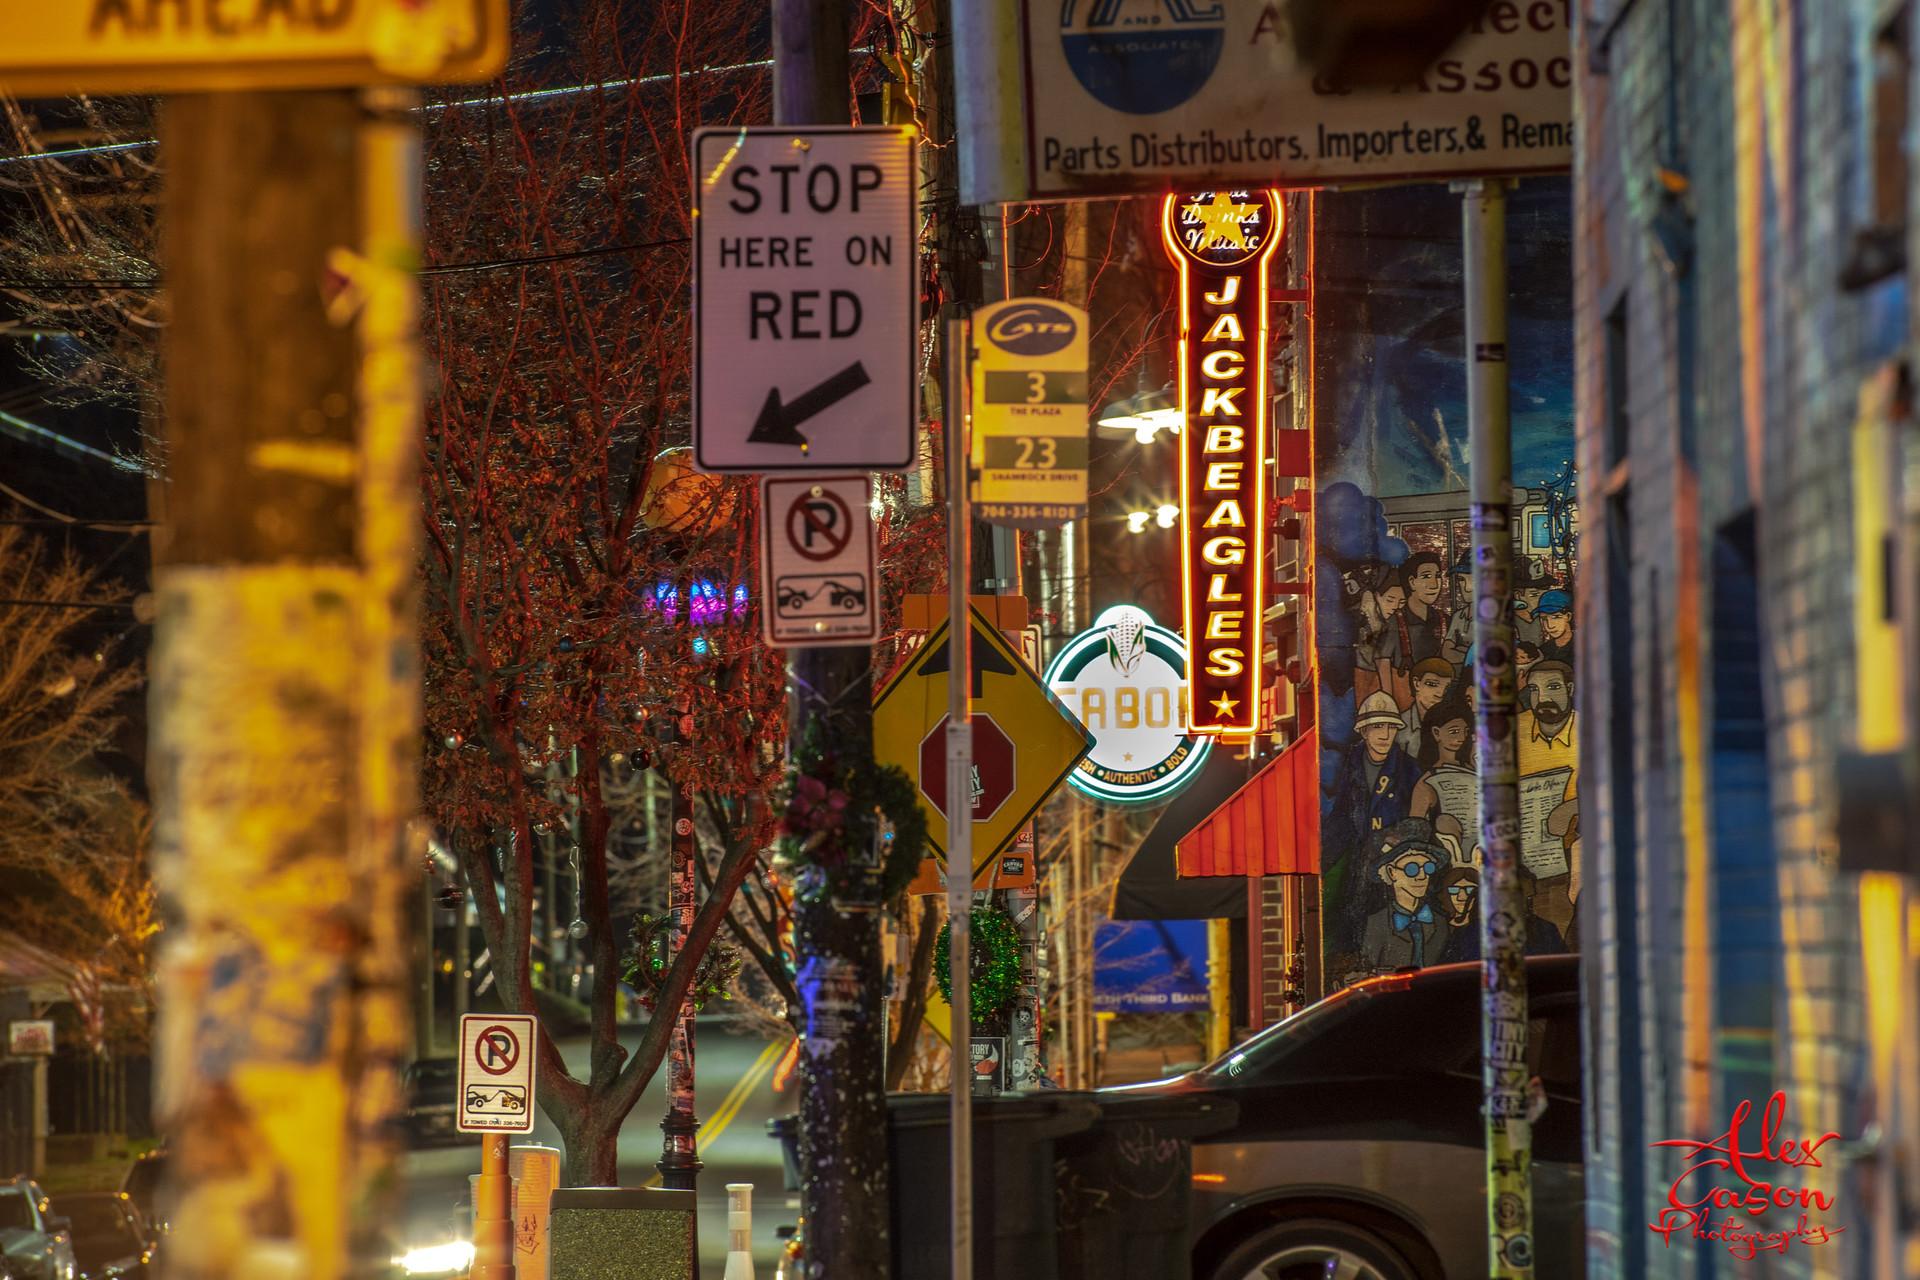 Uptown_Scene_by_Alex_Cason-06790.jpg